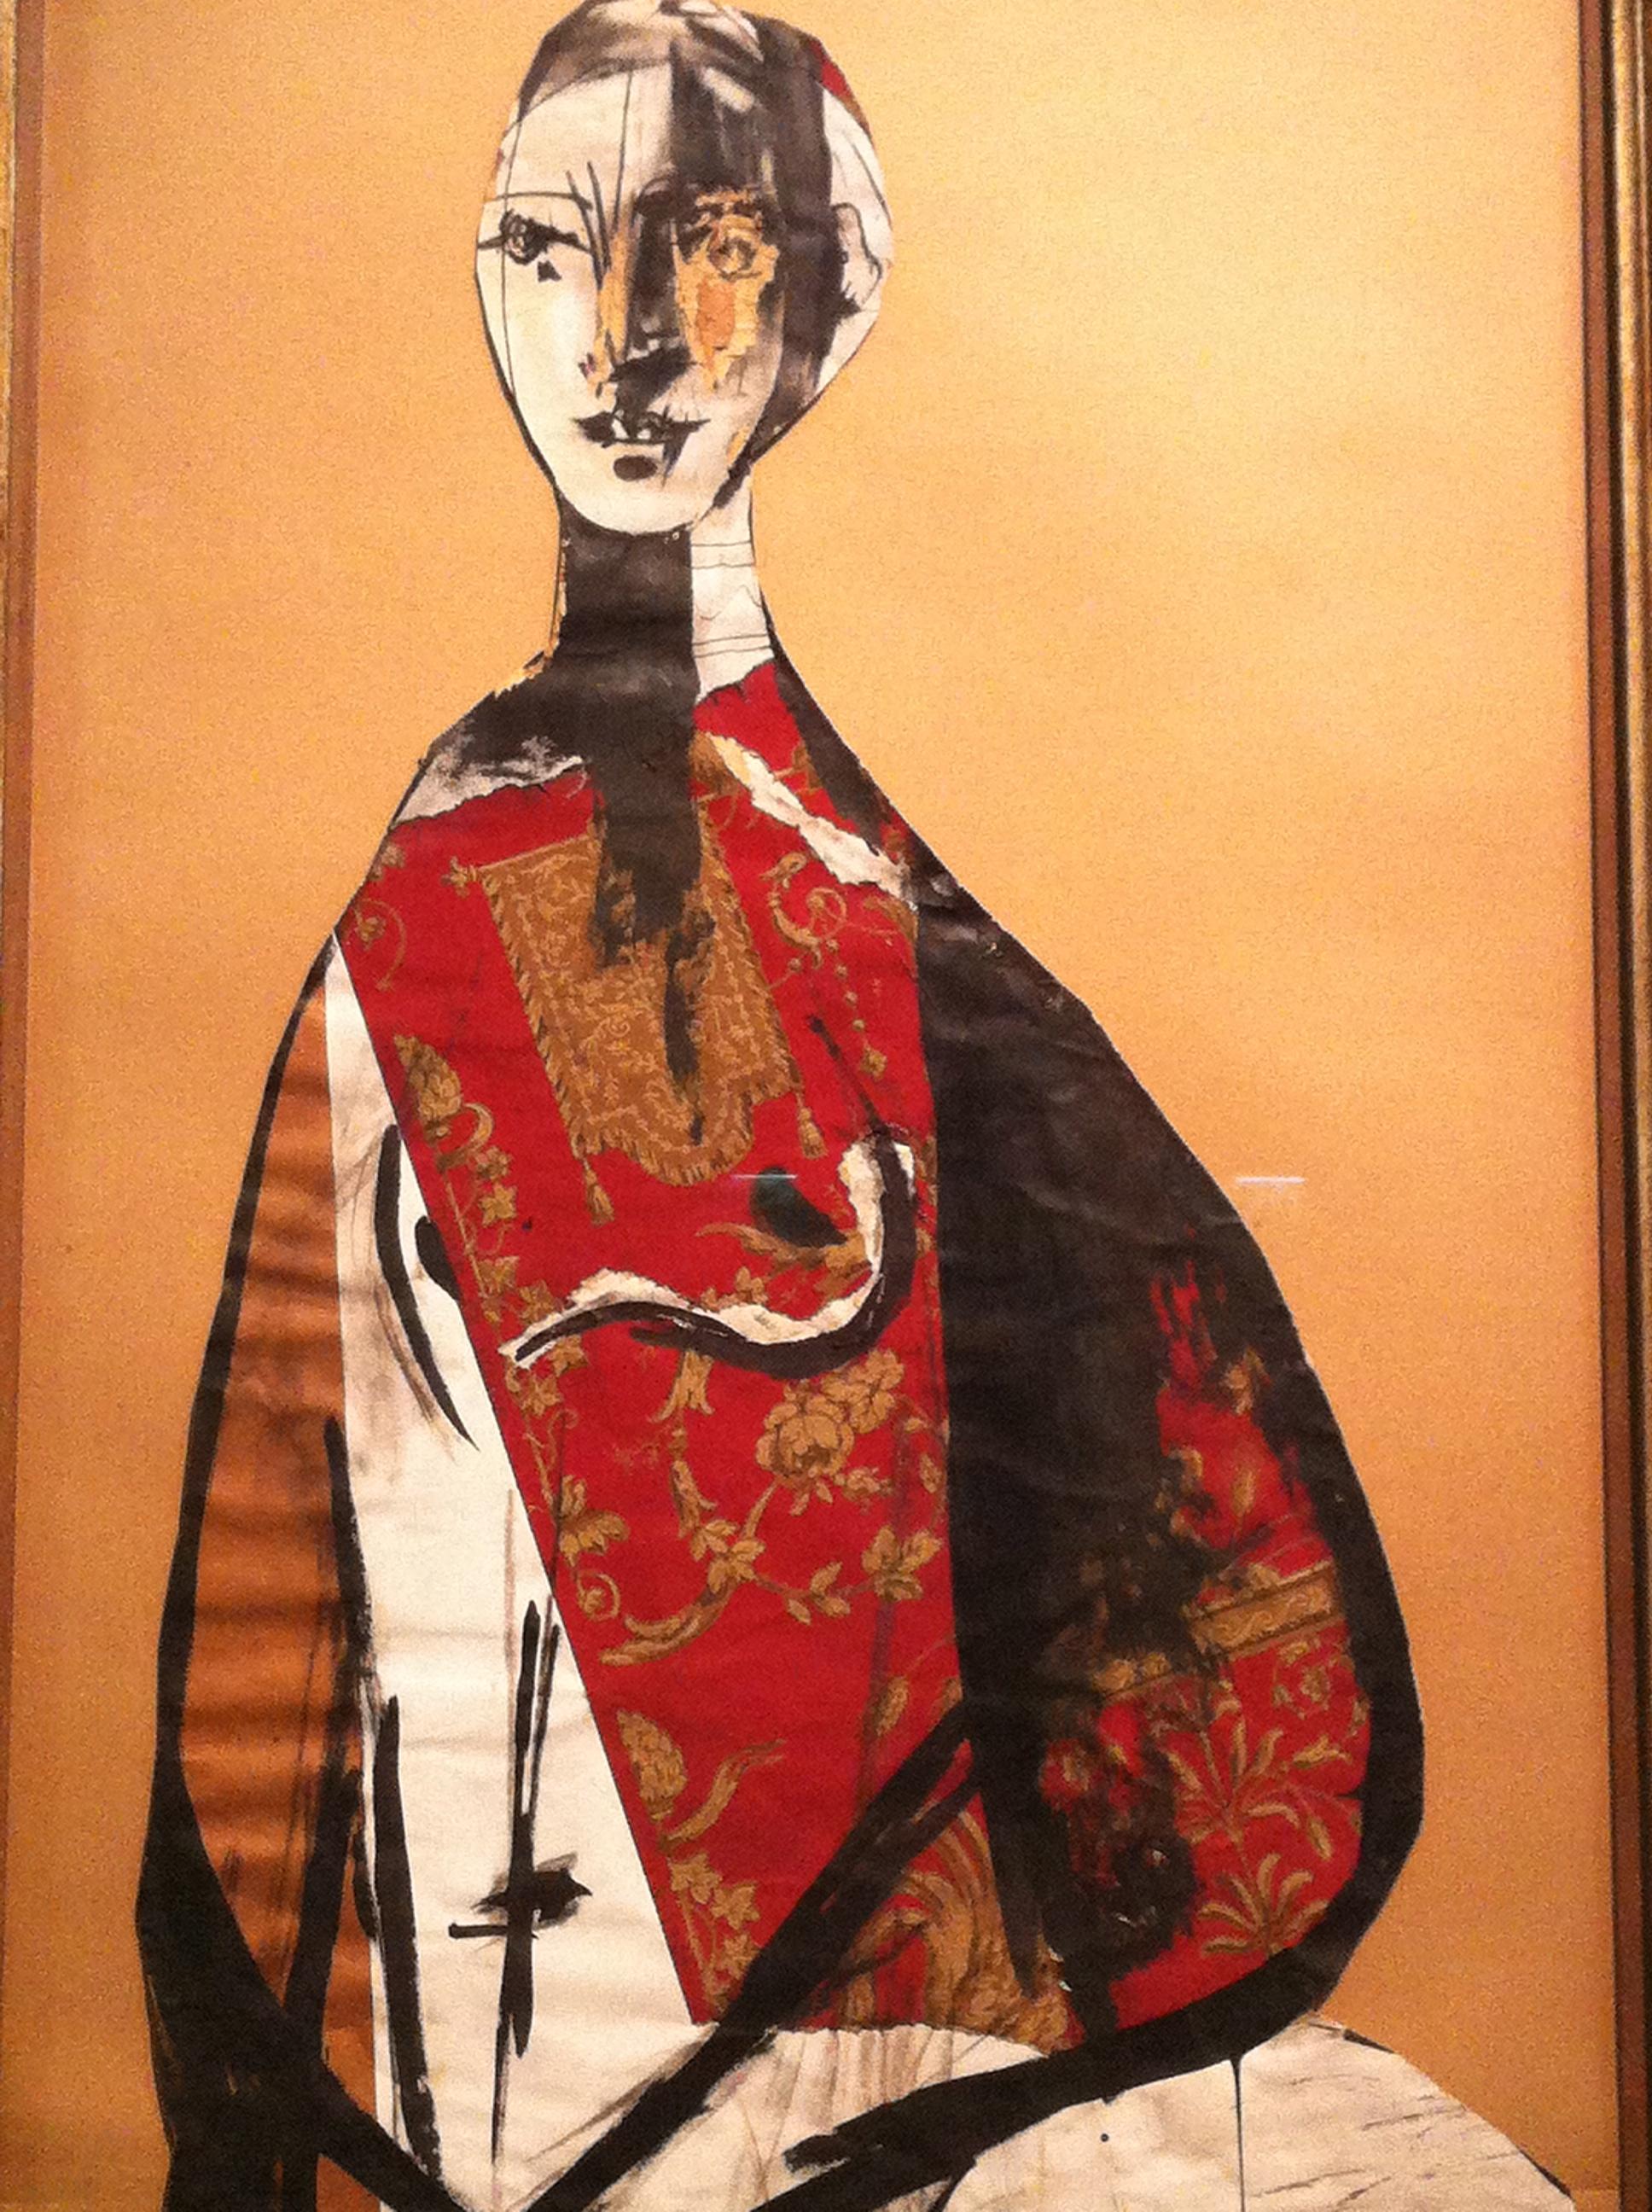 Pablo Picasso, Portrait de femme, 1928, gouache, encre et collage sur papier